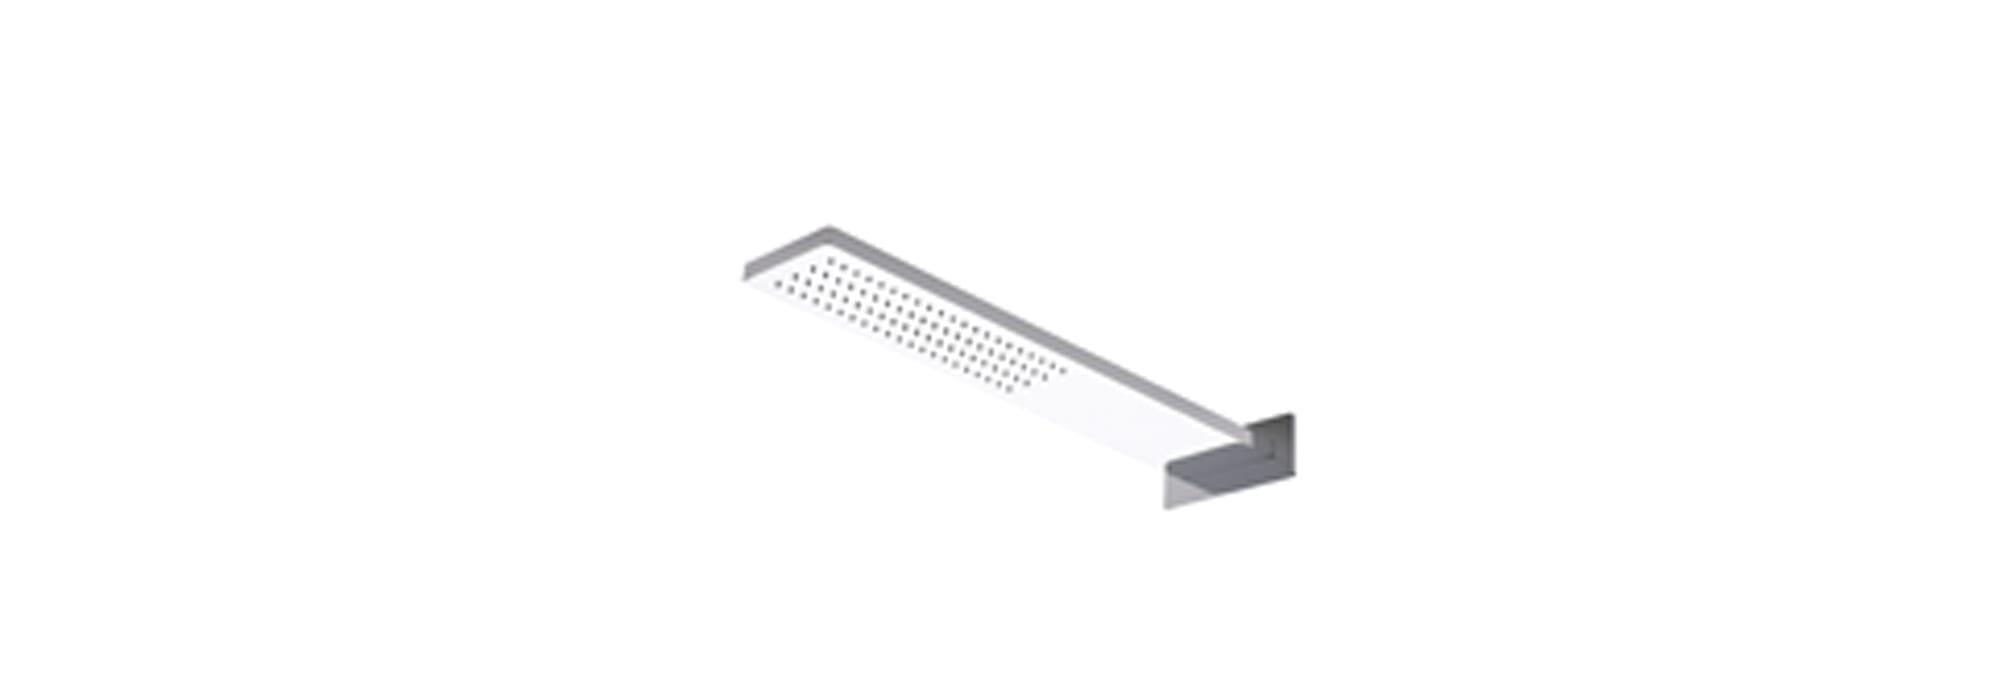 ראש מקלחת מלבני גדול צמוד קיר, כרום – T6.641.01 by Milstone